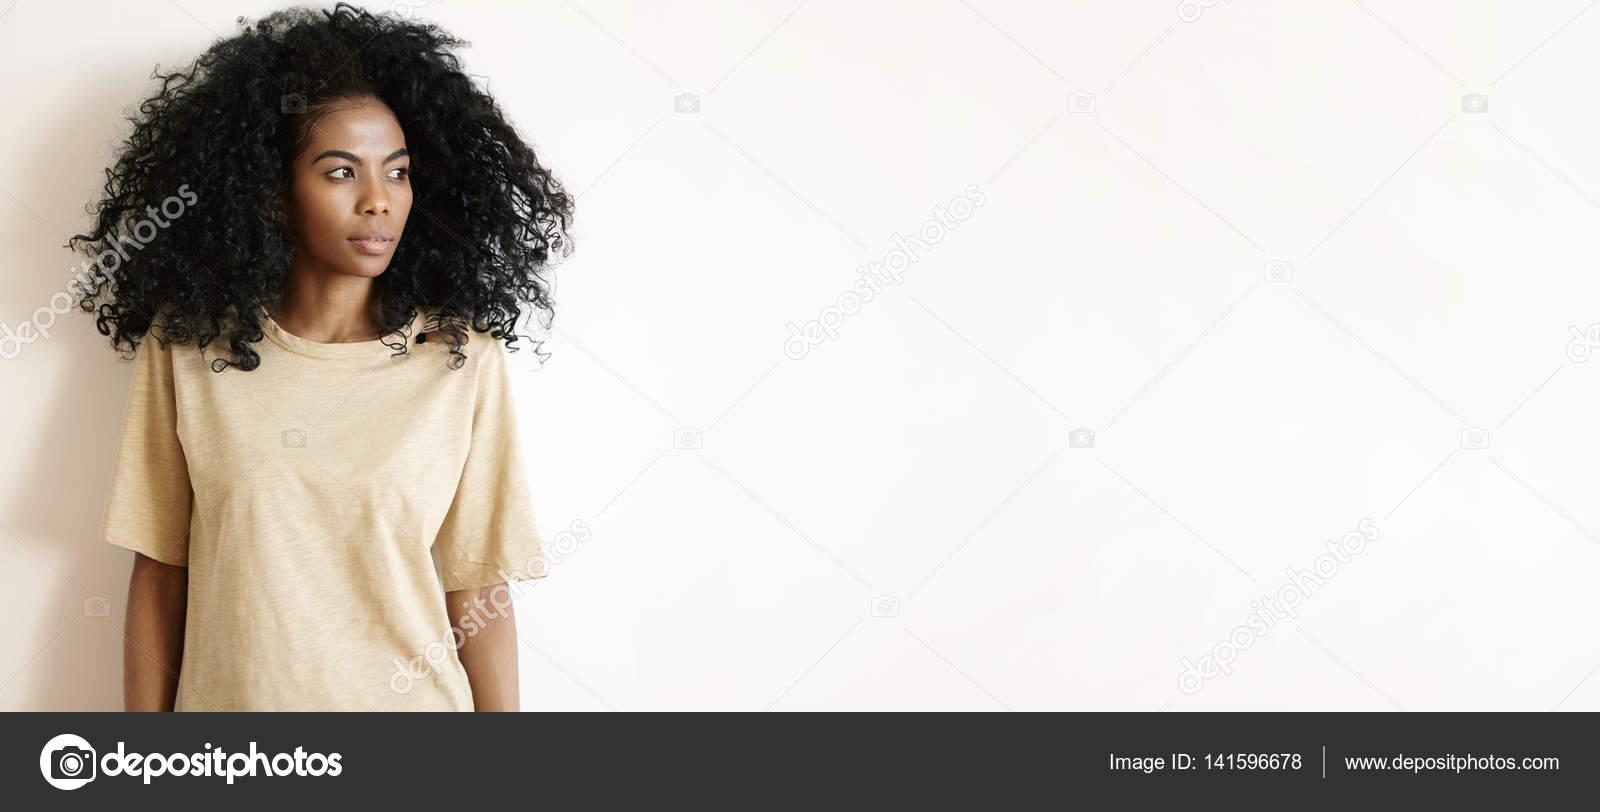 African Dziewczyna Z Fryzura Afro Zdjęcie Stockowe Avemario